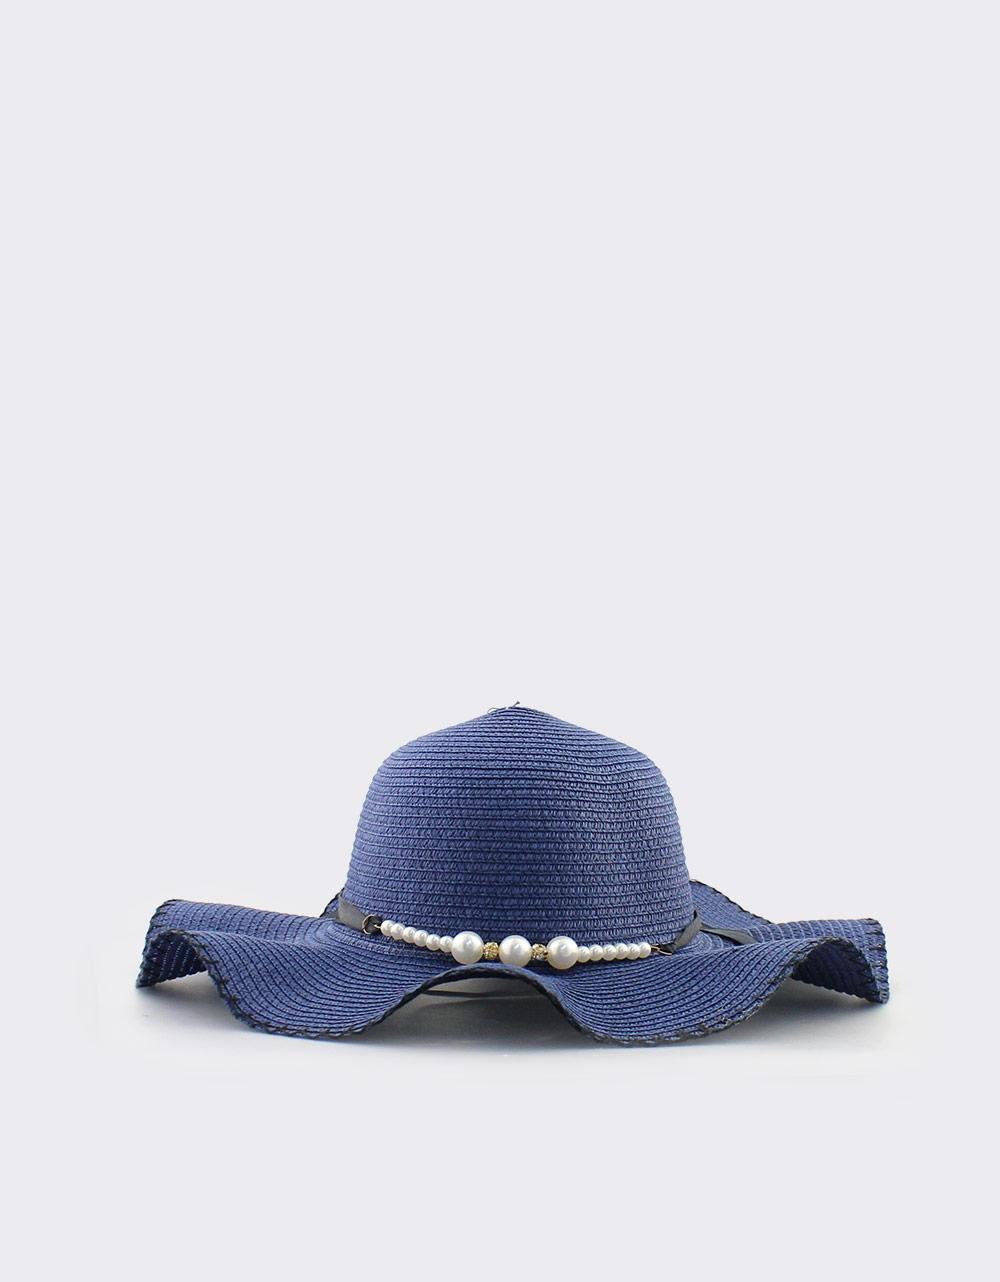 Εικόνα από Γυναικεία καπέλα με διακοσμητικές πέρλες Μπλε